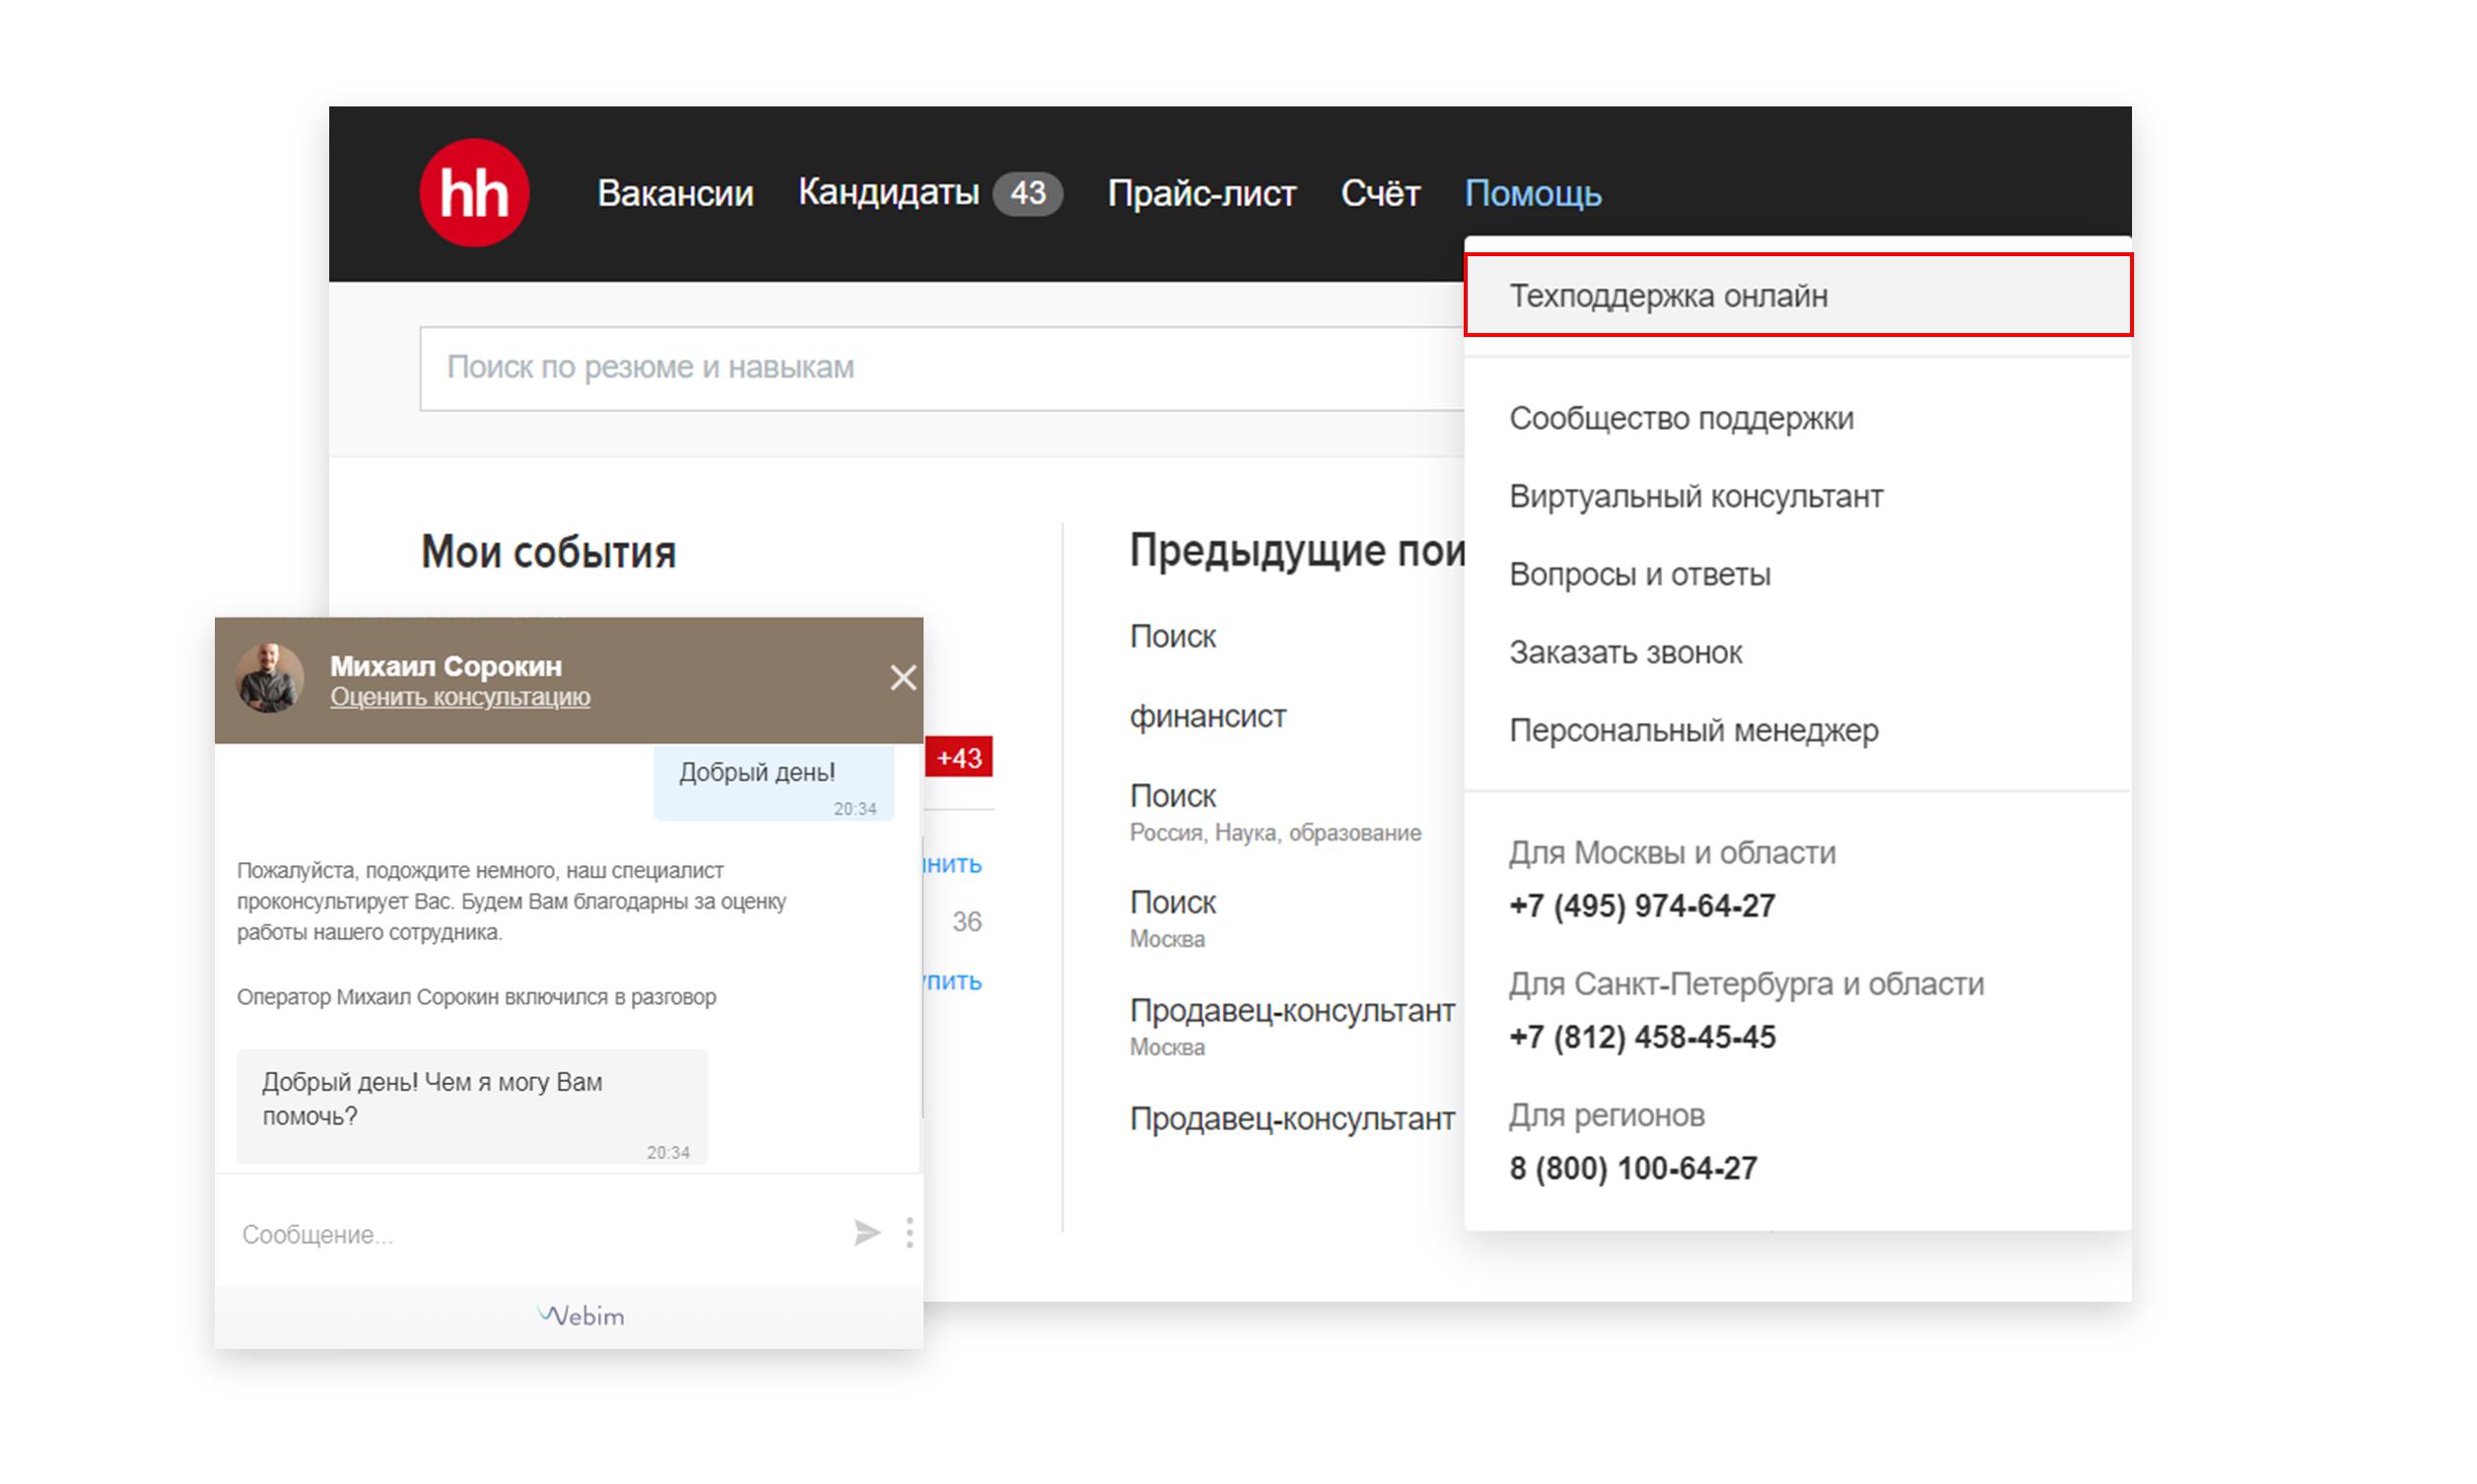 Как задать вопрос hh.ru